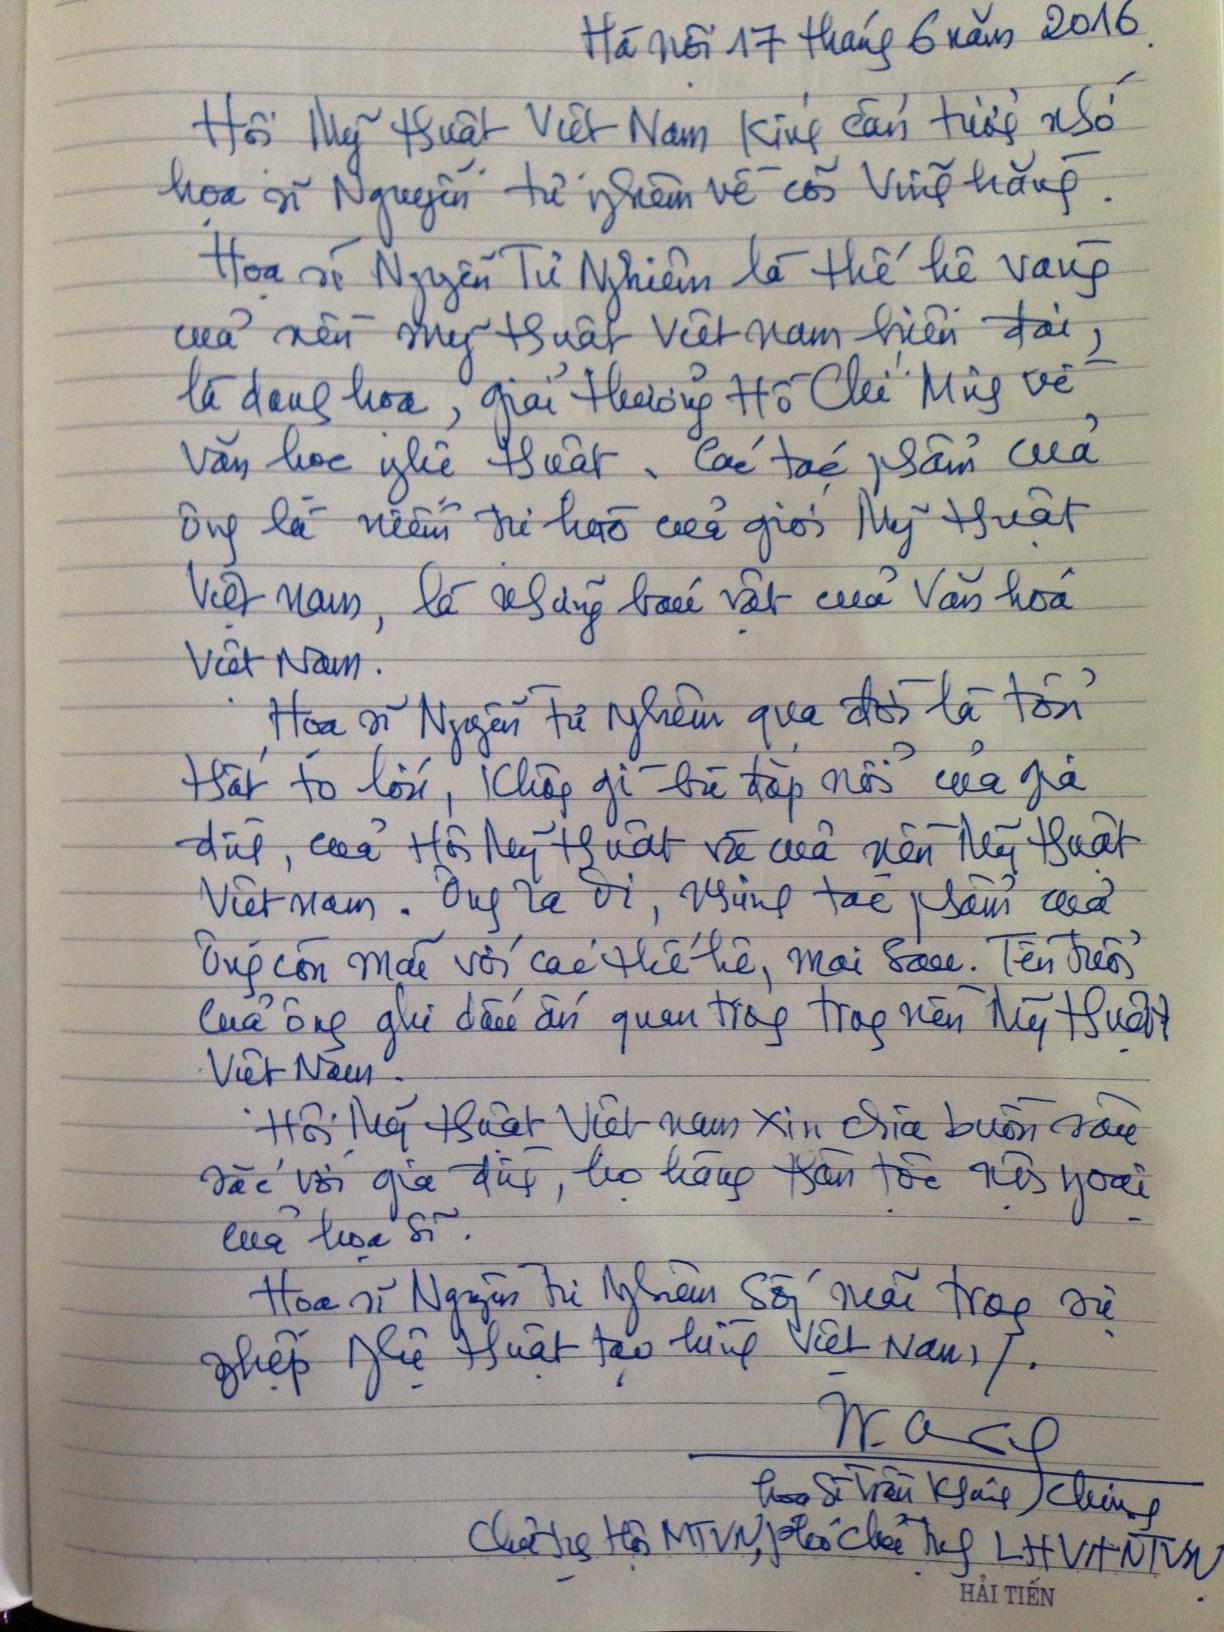 Lưu bút của hoạ sĩ Trần Khánh Chương trong sổ tang. Ảnh: HTL.